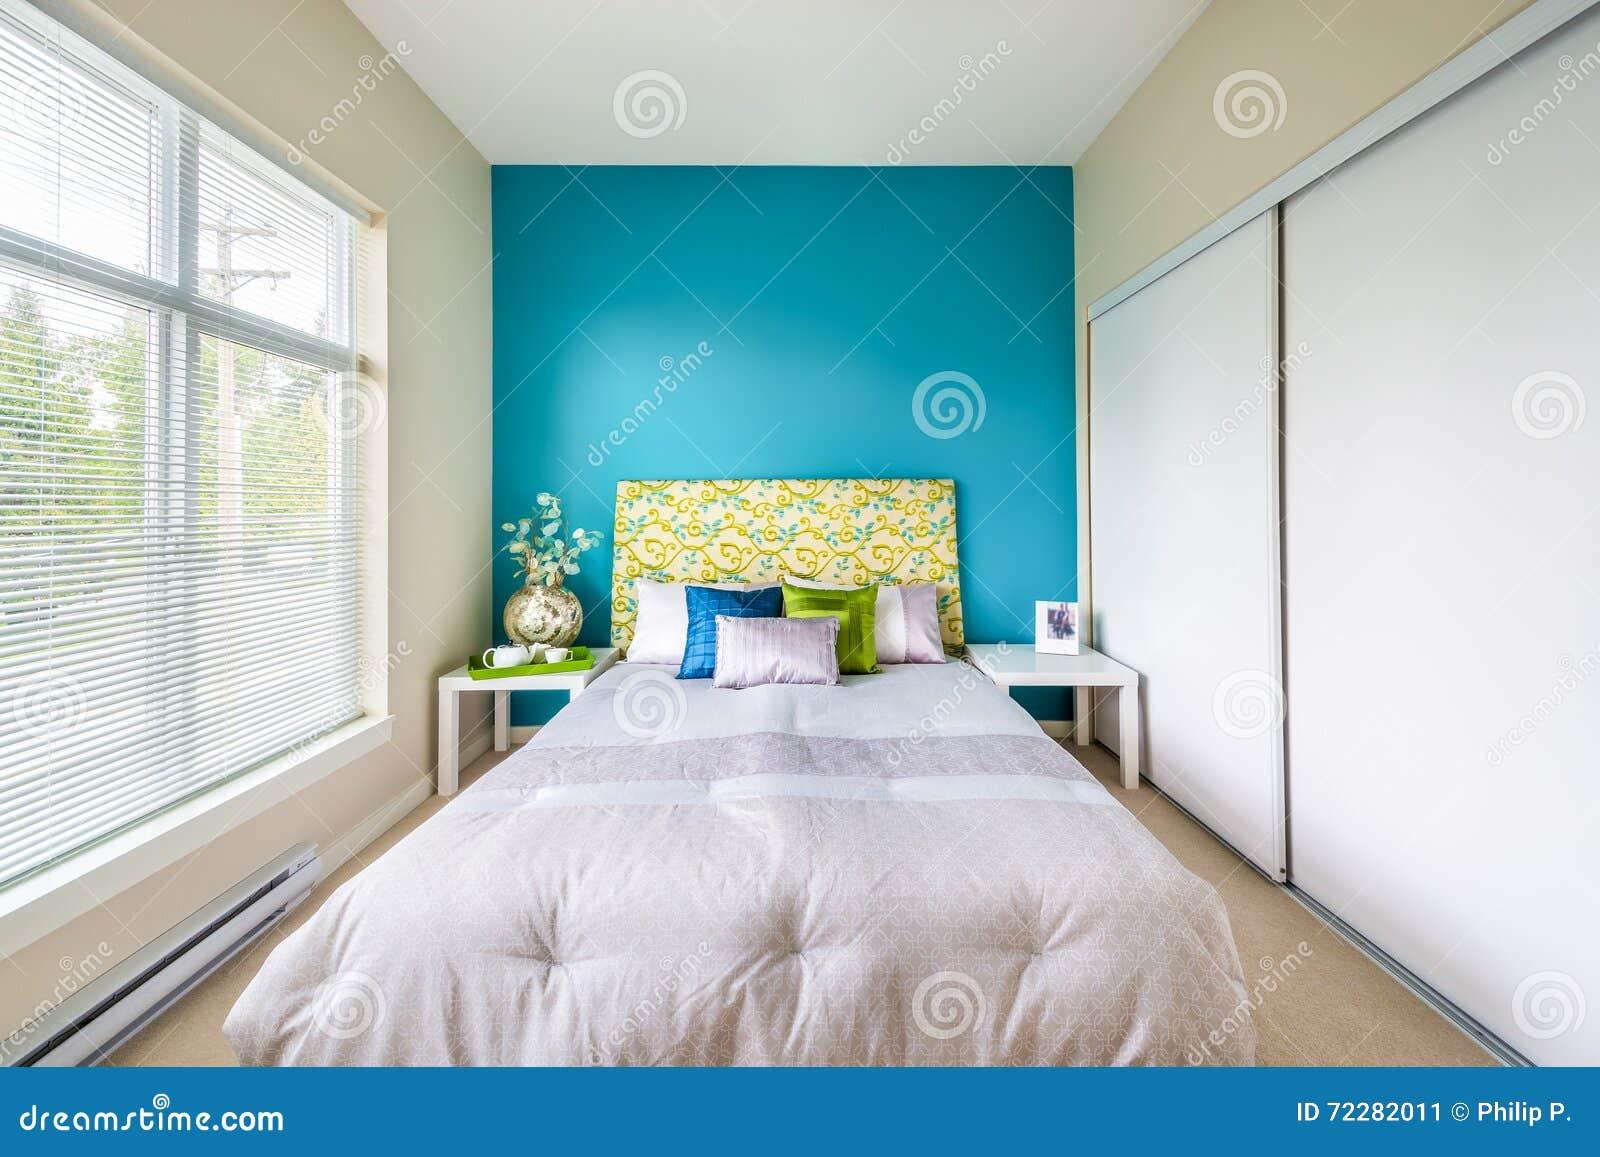 Camera da letto blu moderna immagine stock immagine di domestico bedroom 72282011 - Camera da letto moderna ...